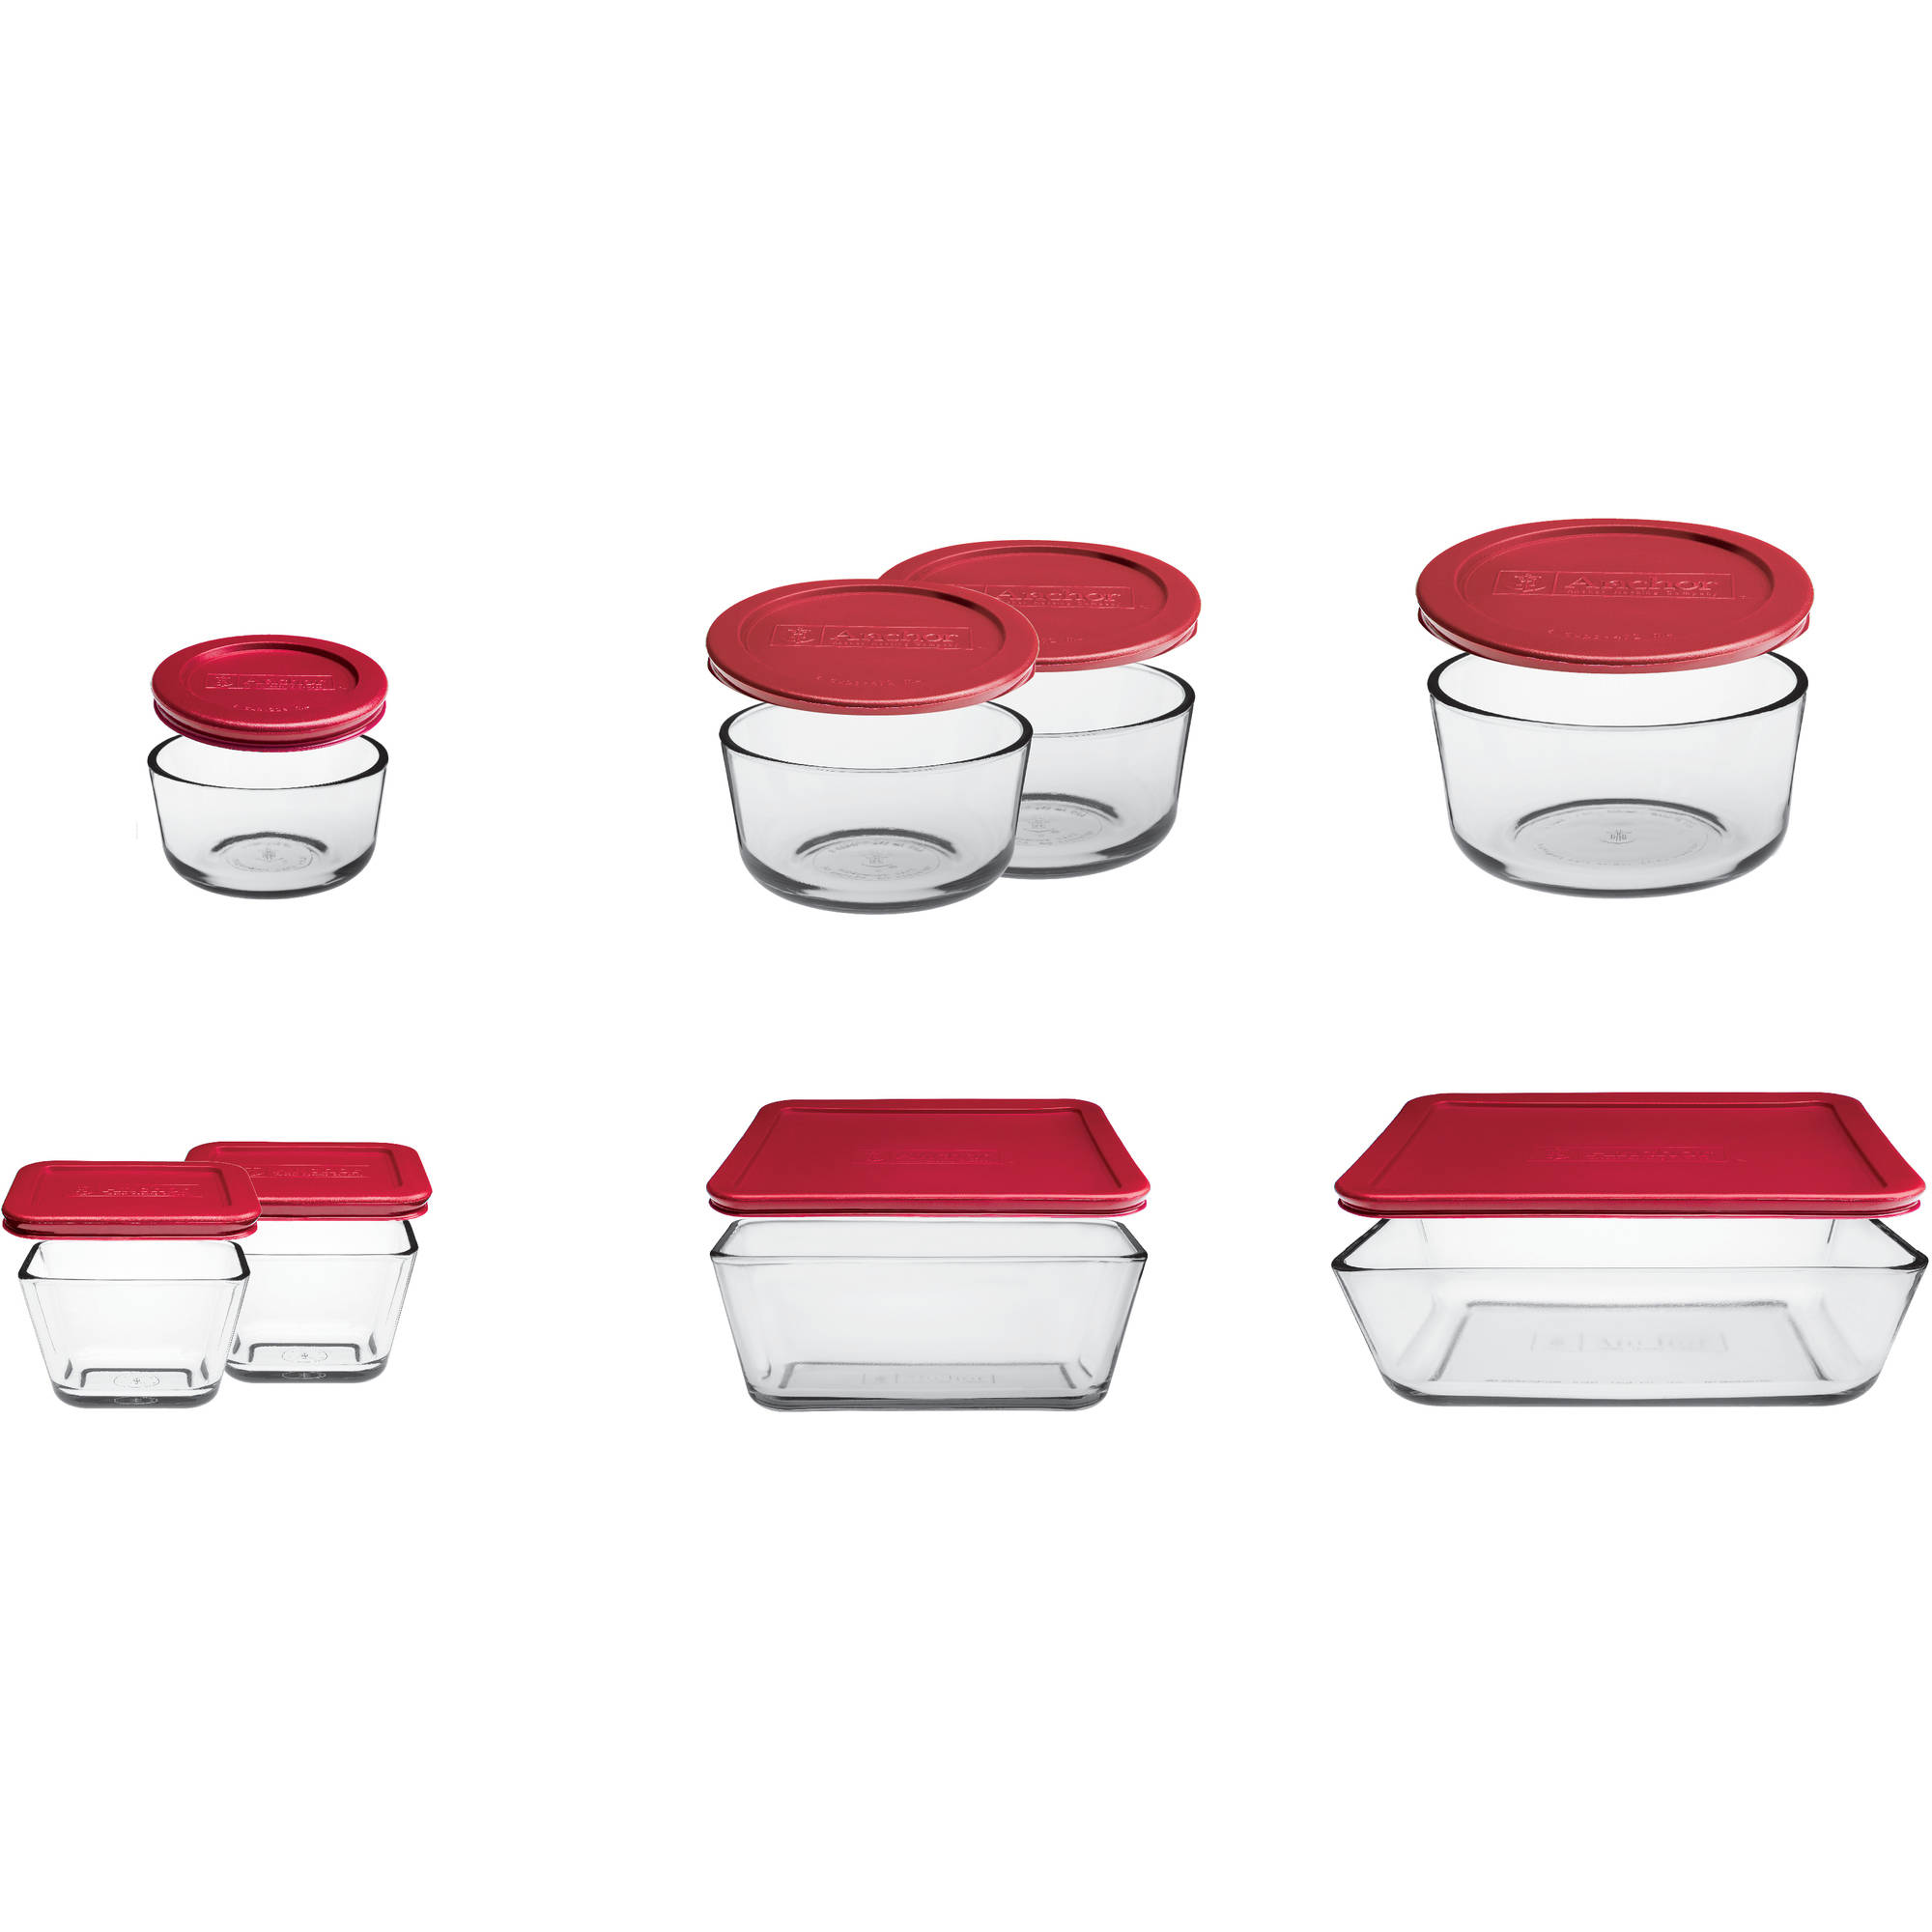 anchor hocking 16 piece kitchen food storage set with red lids anchor hocking 16 piece kitchen food storage set with red lids walmart com